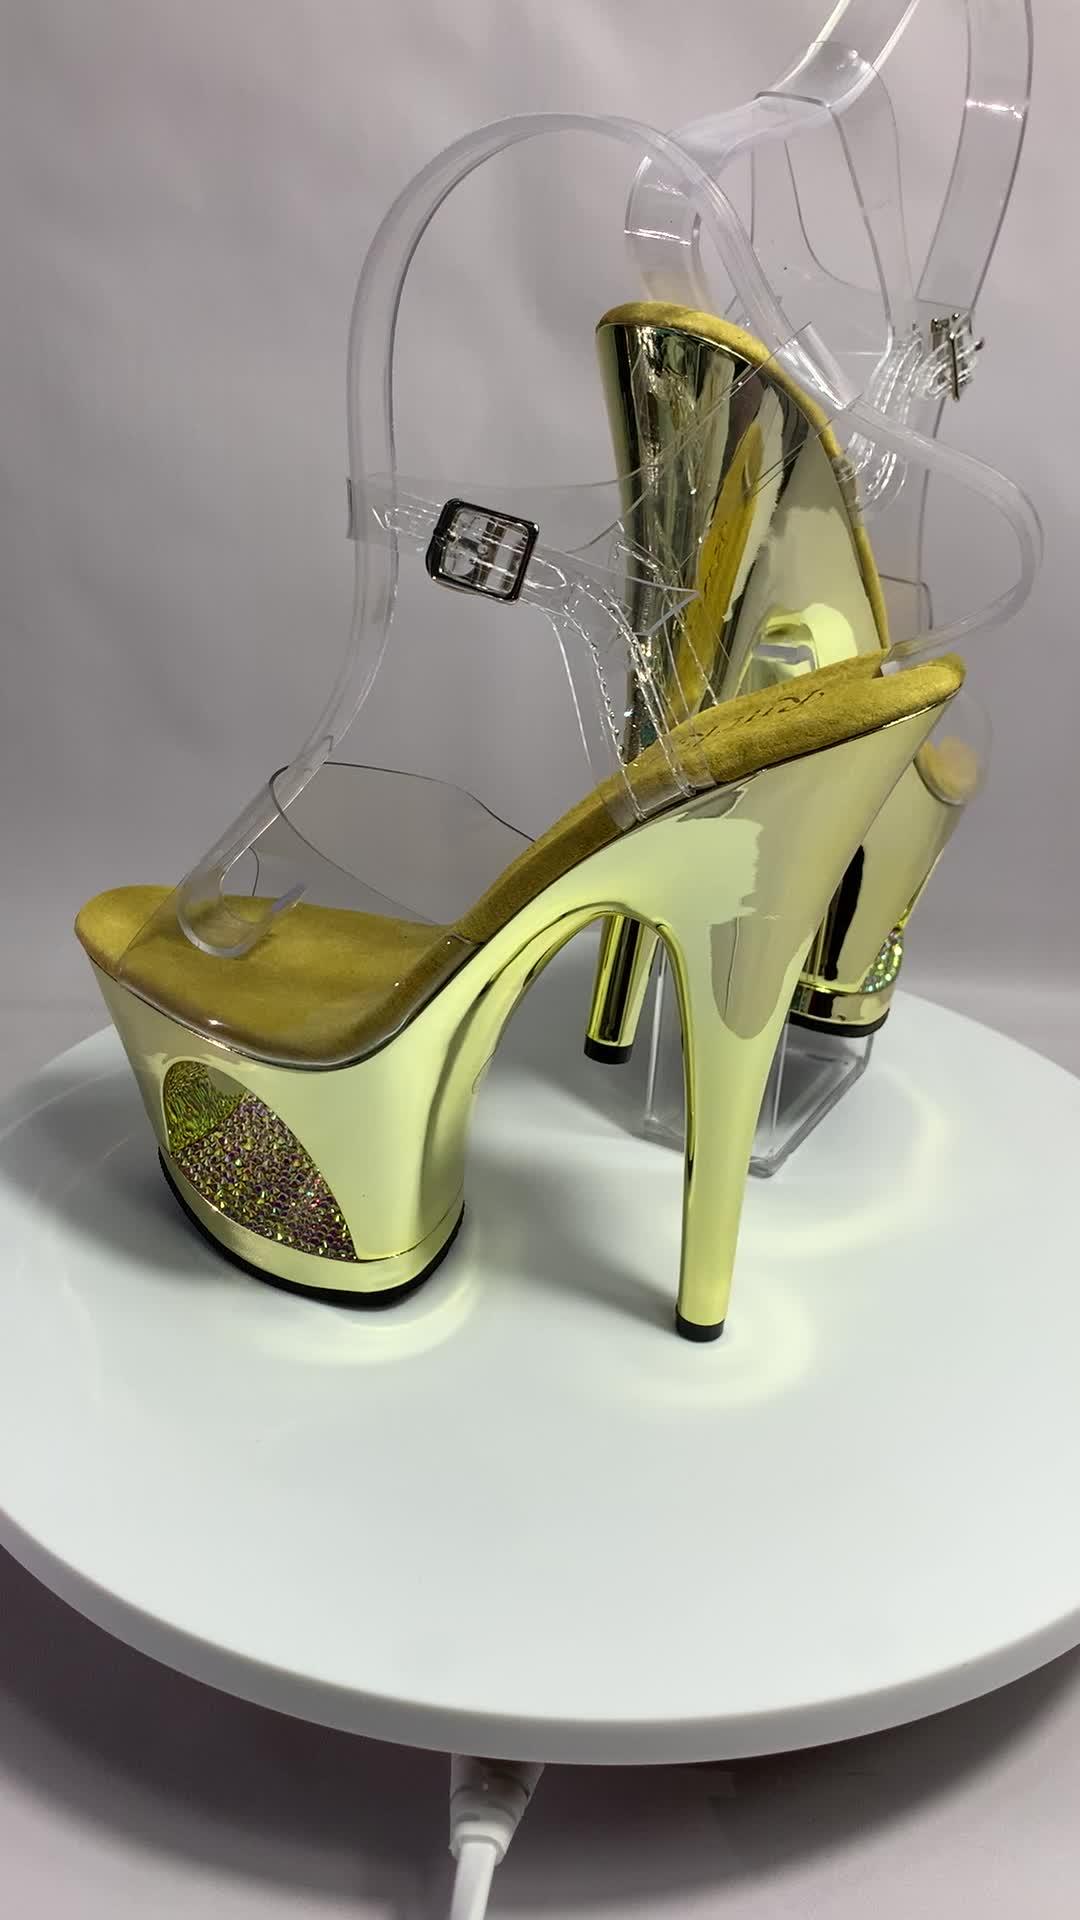 17 cm brillant diamant galvanoplastie ultra-haute avec sandales, défilé montre chaussures le club bar danse pôle chaussures chaussures de danse